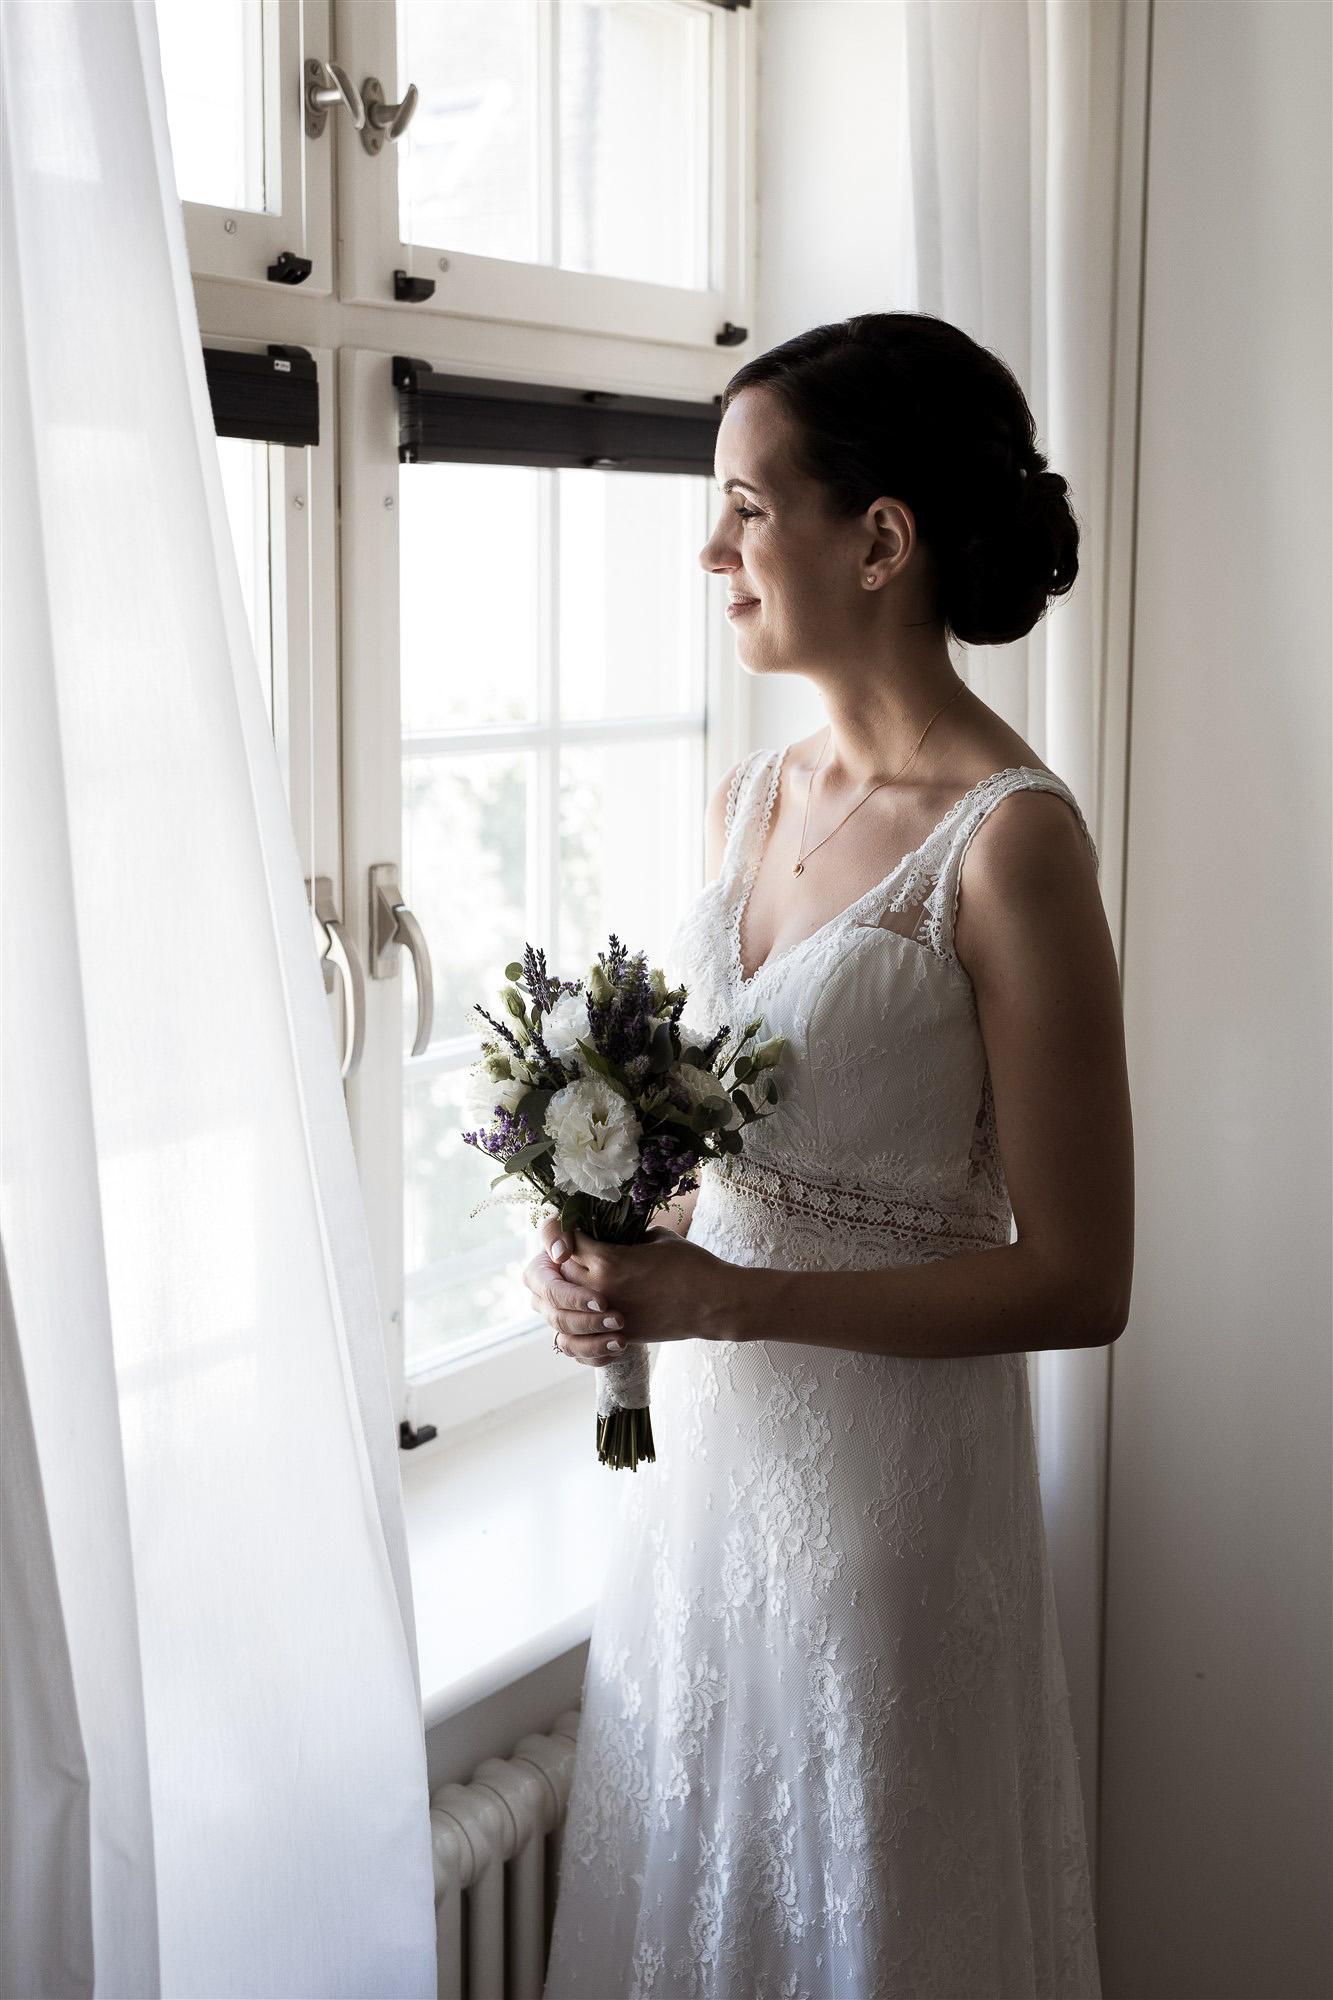 Getting Ready der Braut - Die Braut schaut gespannt aus dem Fenster - Hochzeit im Teufelhof Basel - Hochzeitsfotograf Nicole Kym